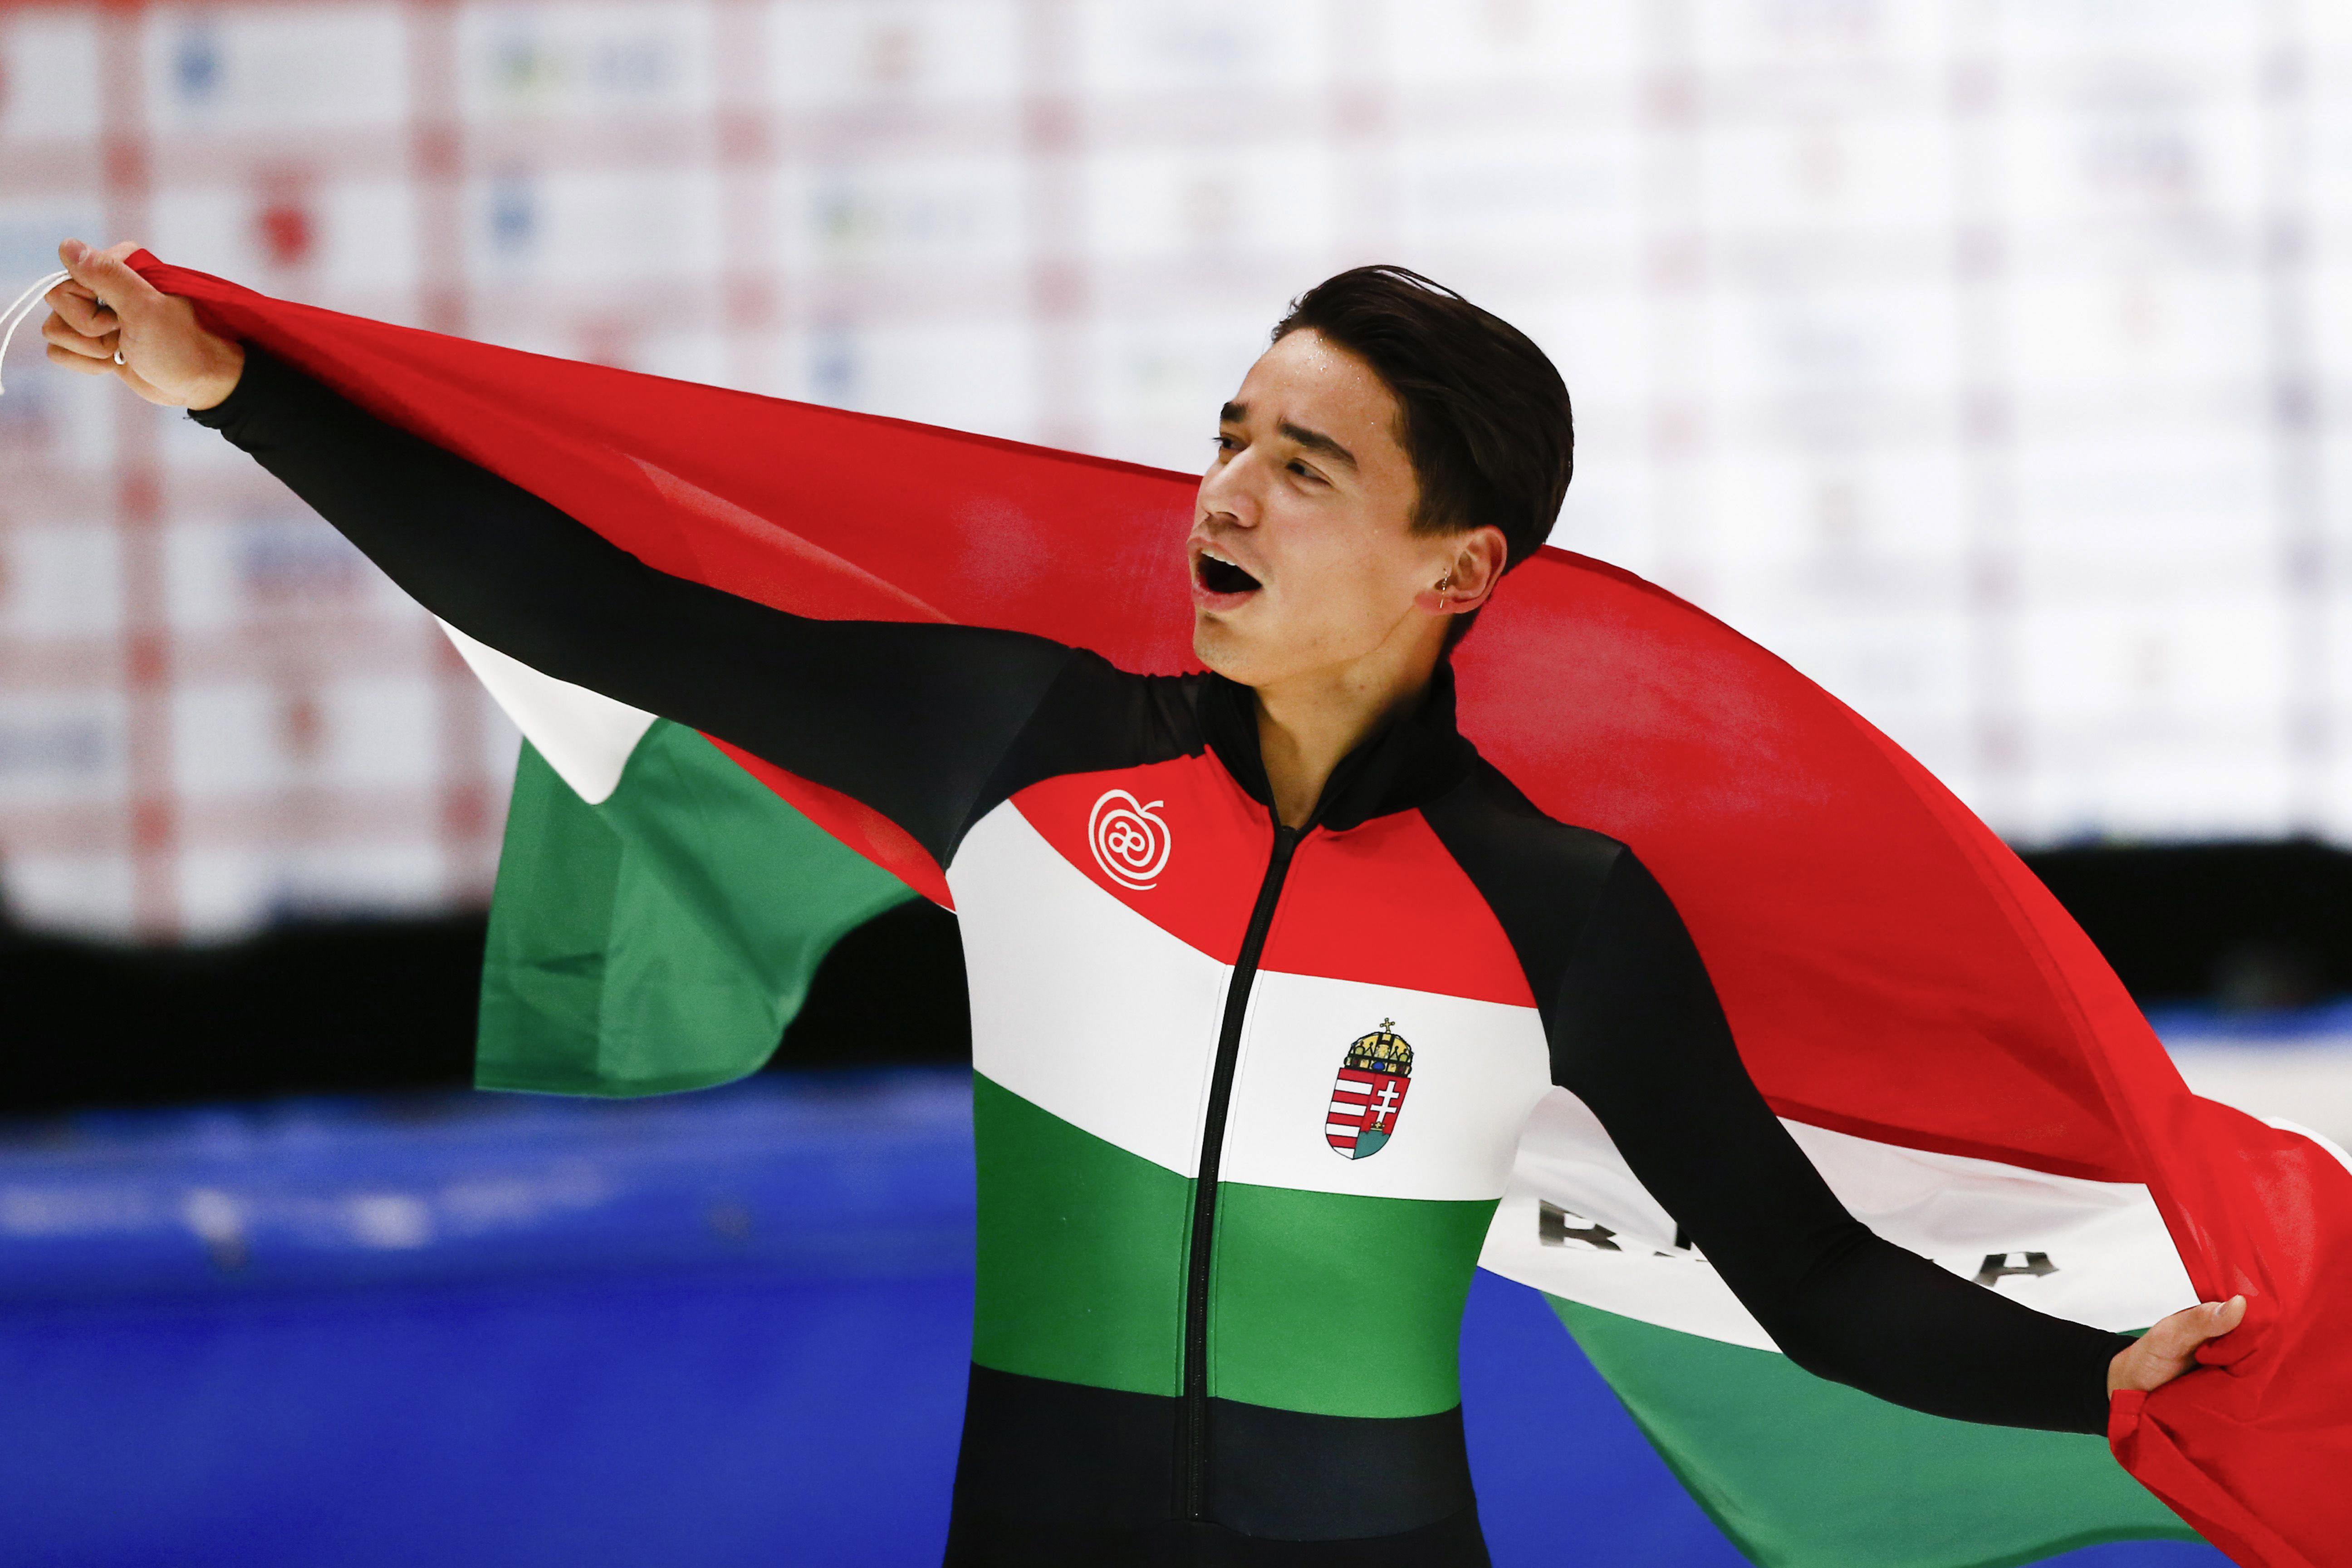 Liu Shaolin Sándor megszerezte Magyarország történetének első összetett aranyérmét a gyorskorcsolya EB-n